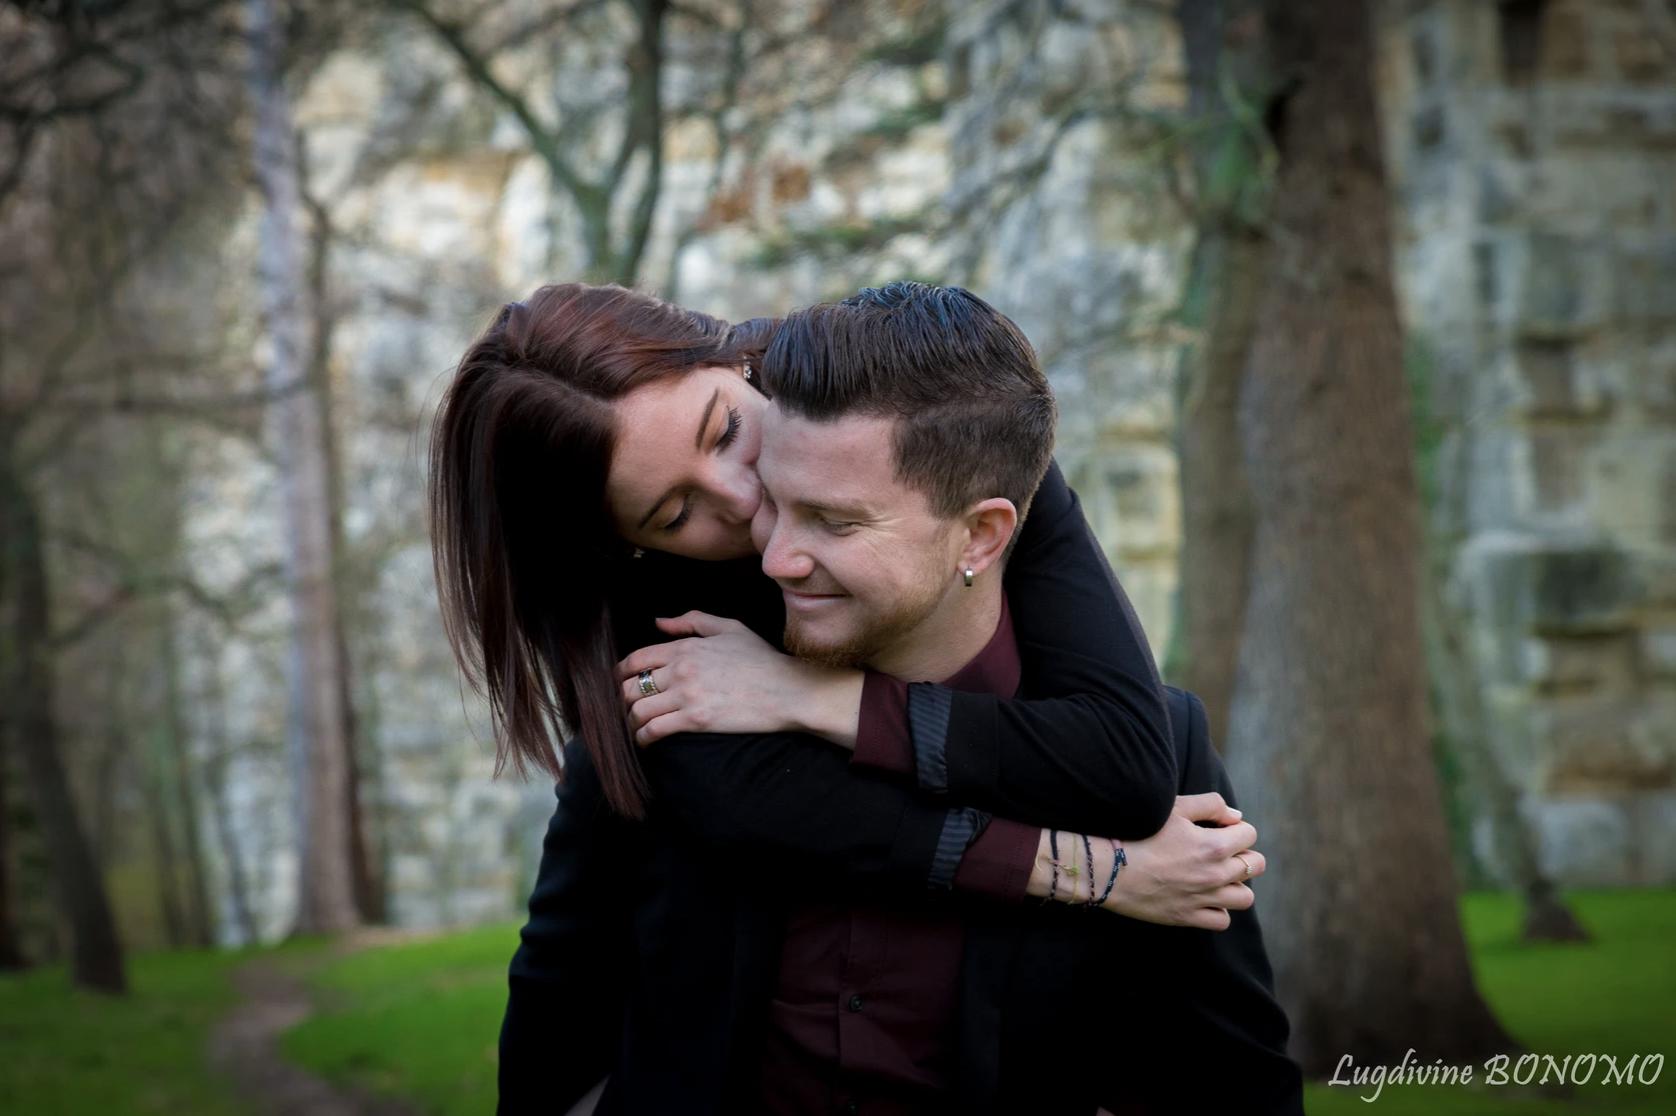 Couple enlancé lors d'une séance photo en extérieur dans la forêt